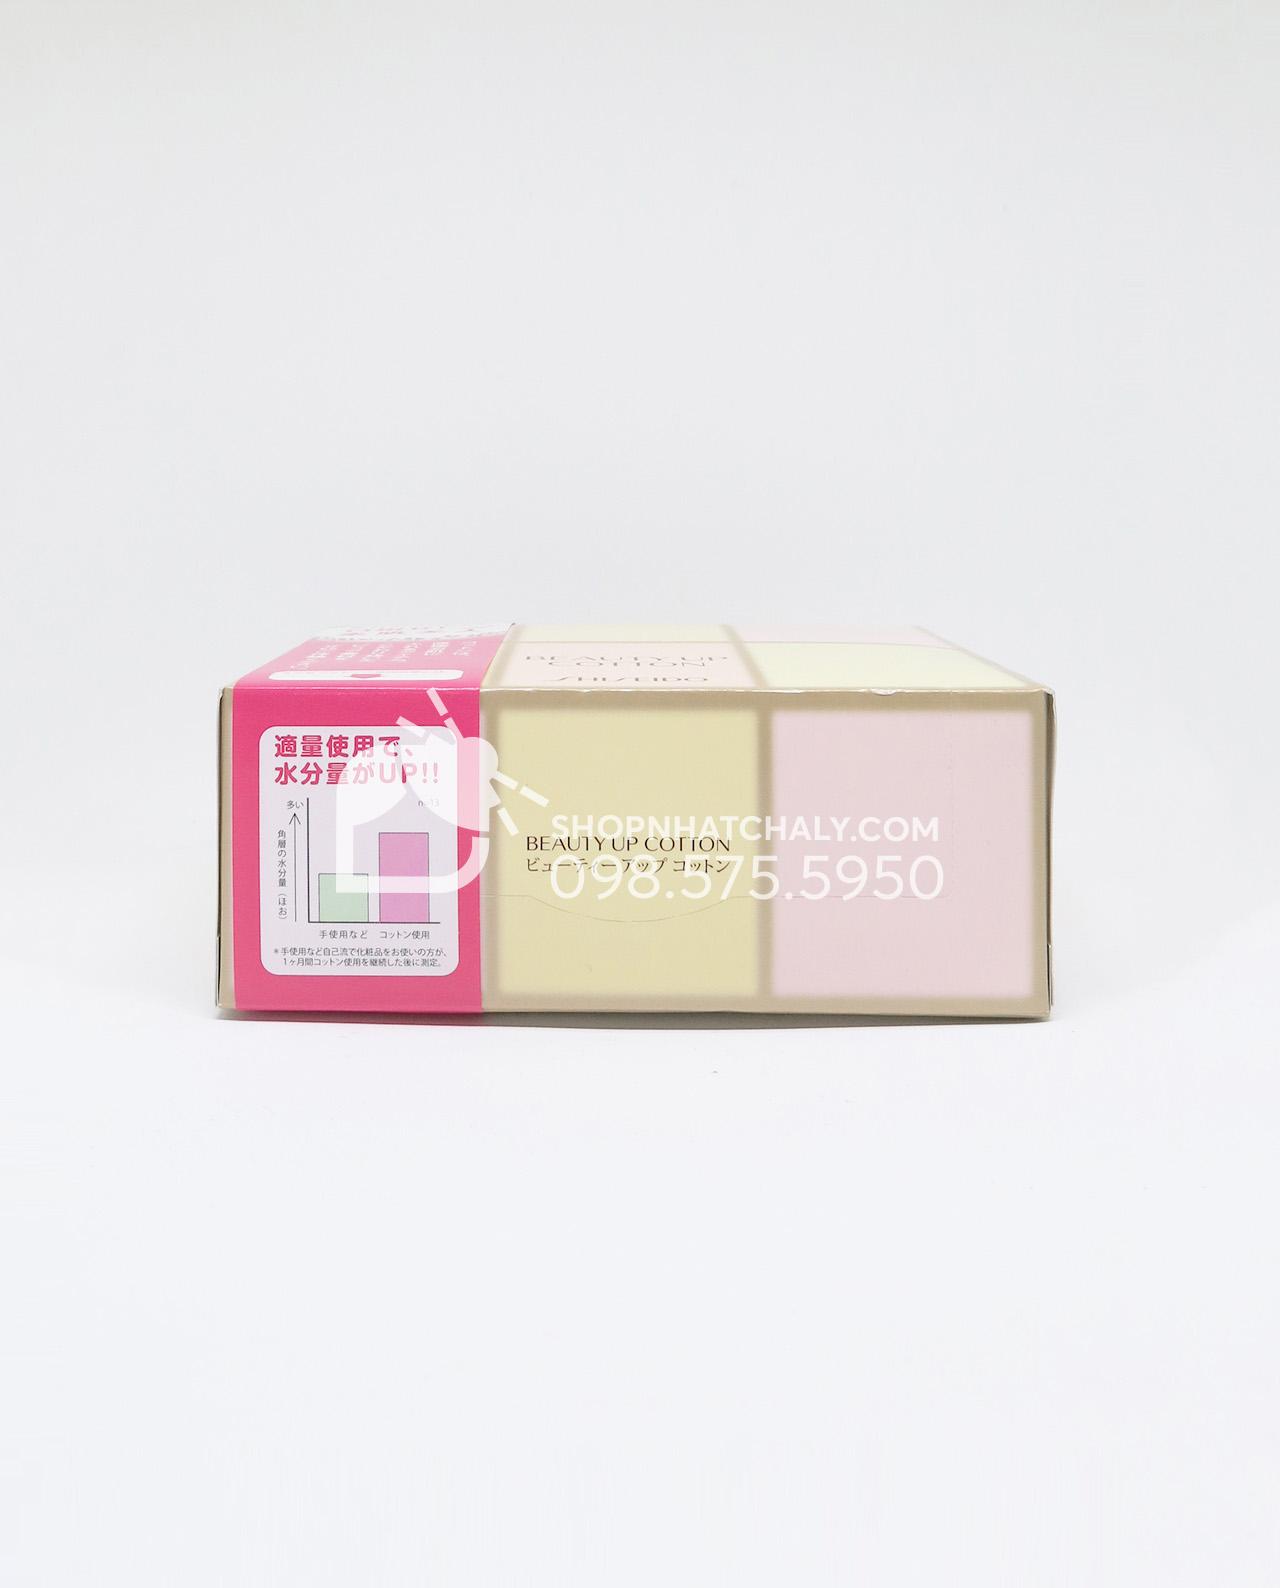 Sử dụng bông tẩy trang Shiseido Beauty Up Cotton Nhật để thoa nước hoa hồng mỗi ngày giúp da có độ ẩm và giữ nước tăng hơn gấp rưỡi